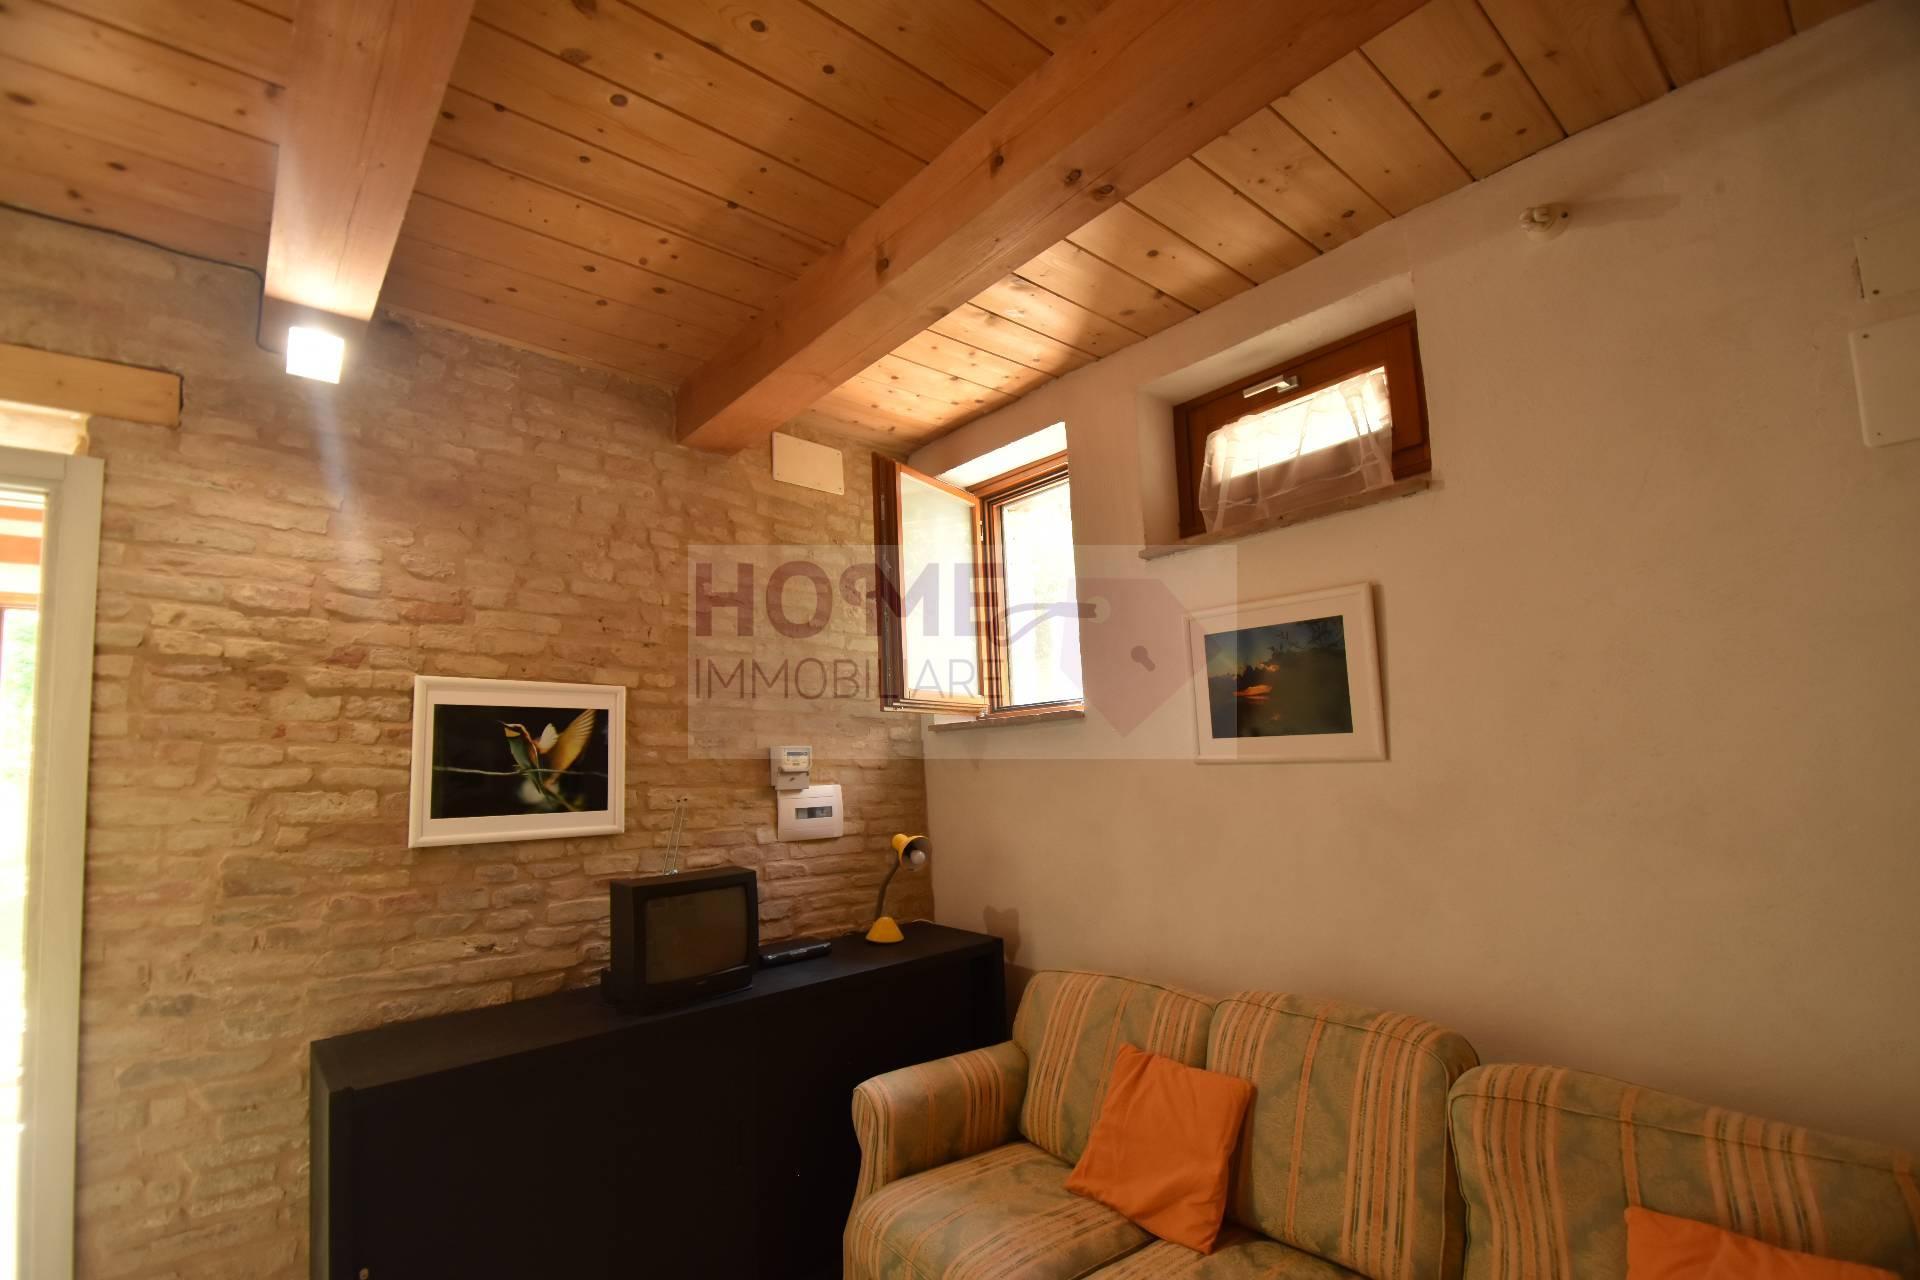 macerata affitto quart: zona montanello home immobiliare srl